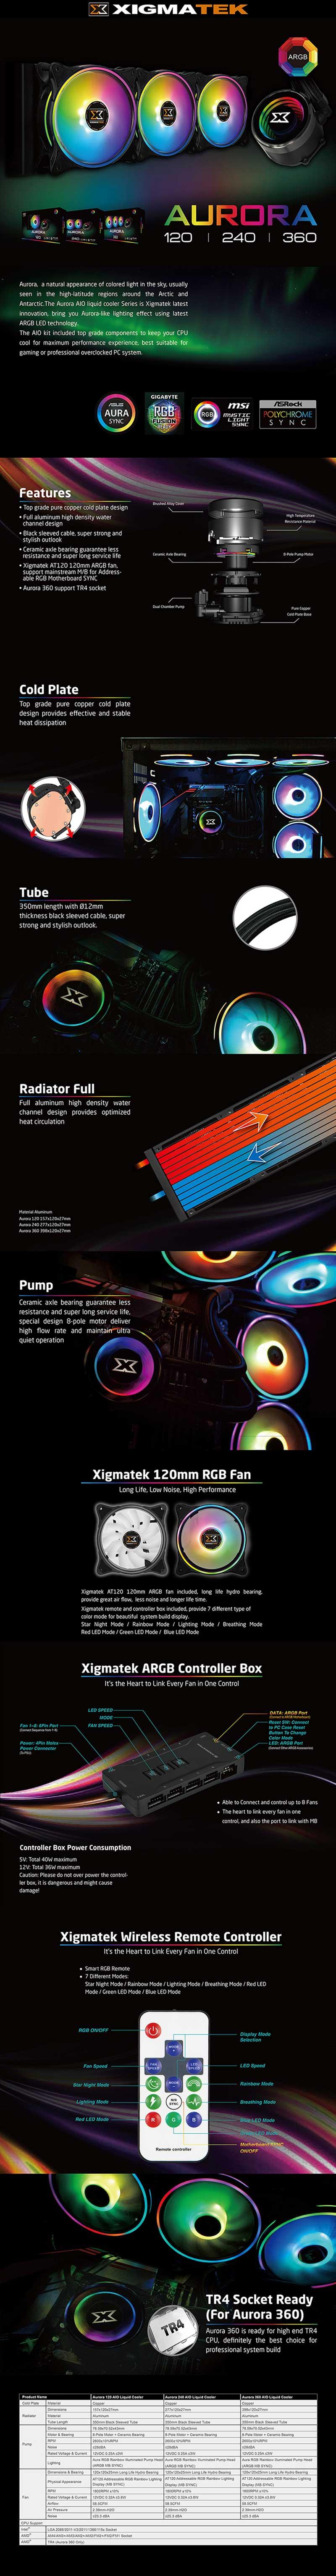 Xigmatek Aurora 240 Cooler EN42807 8